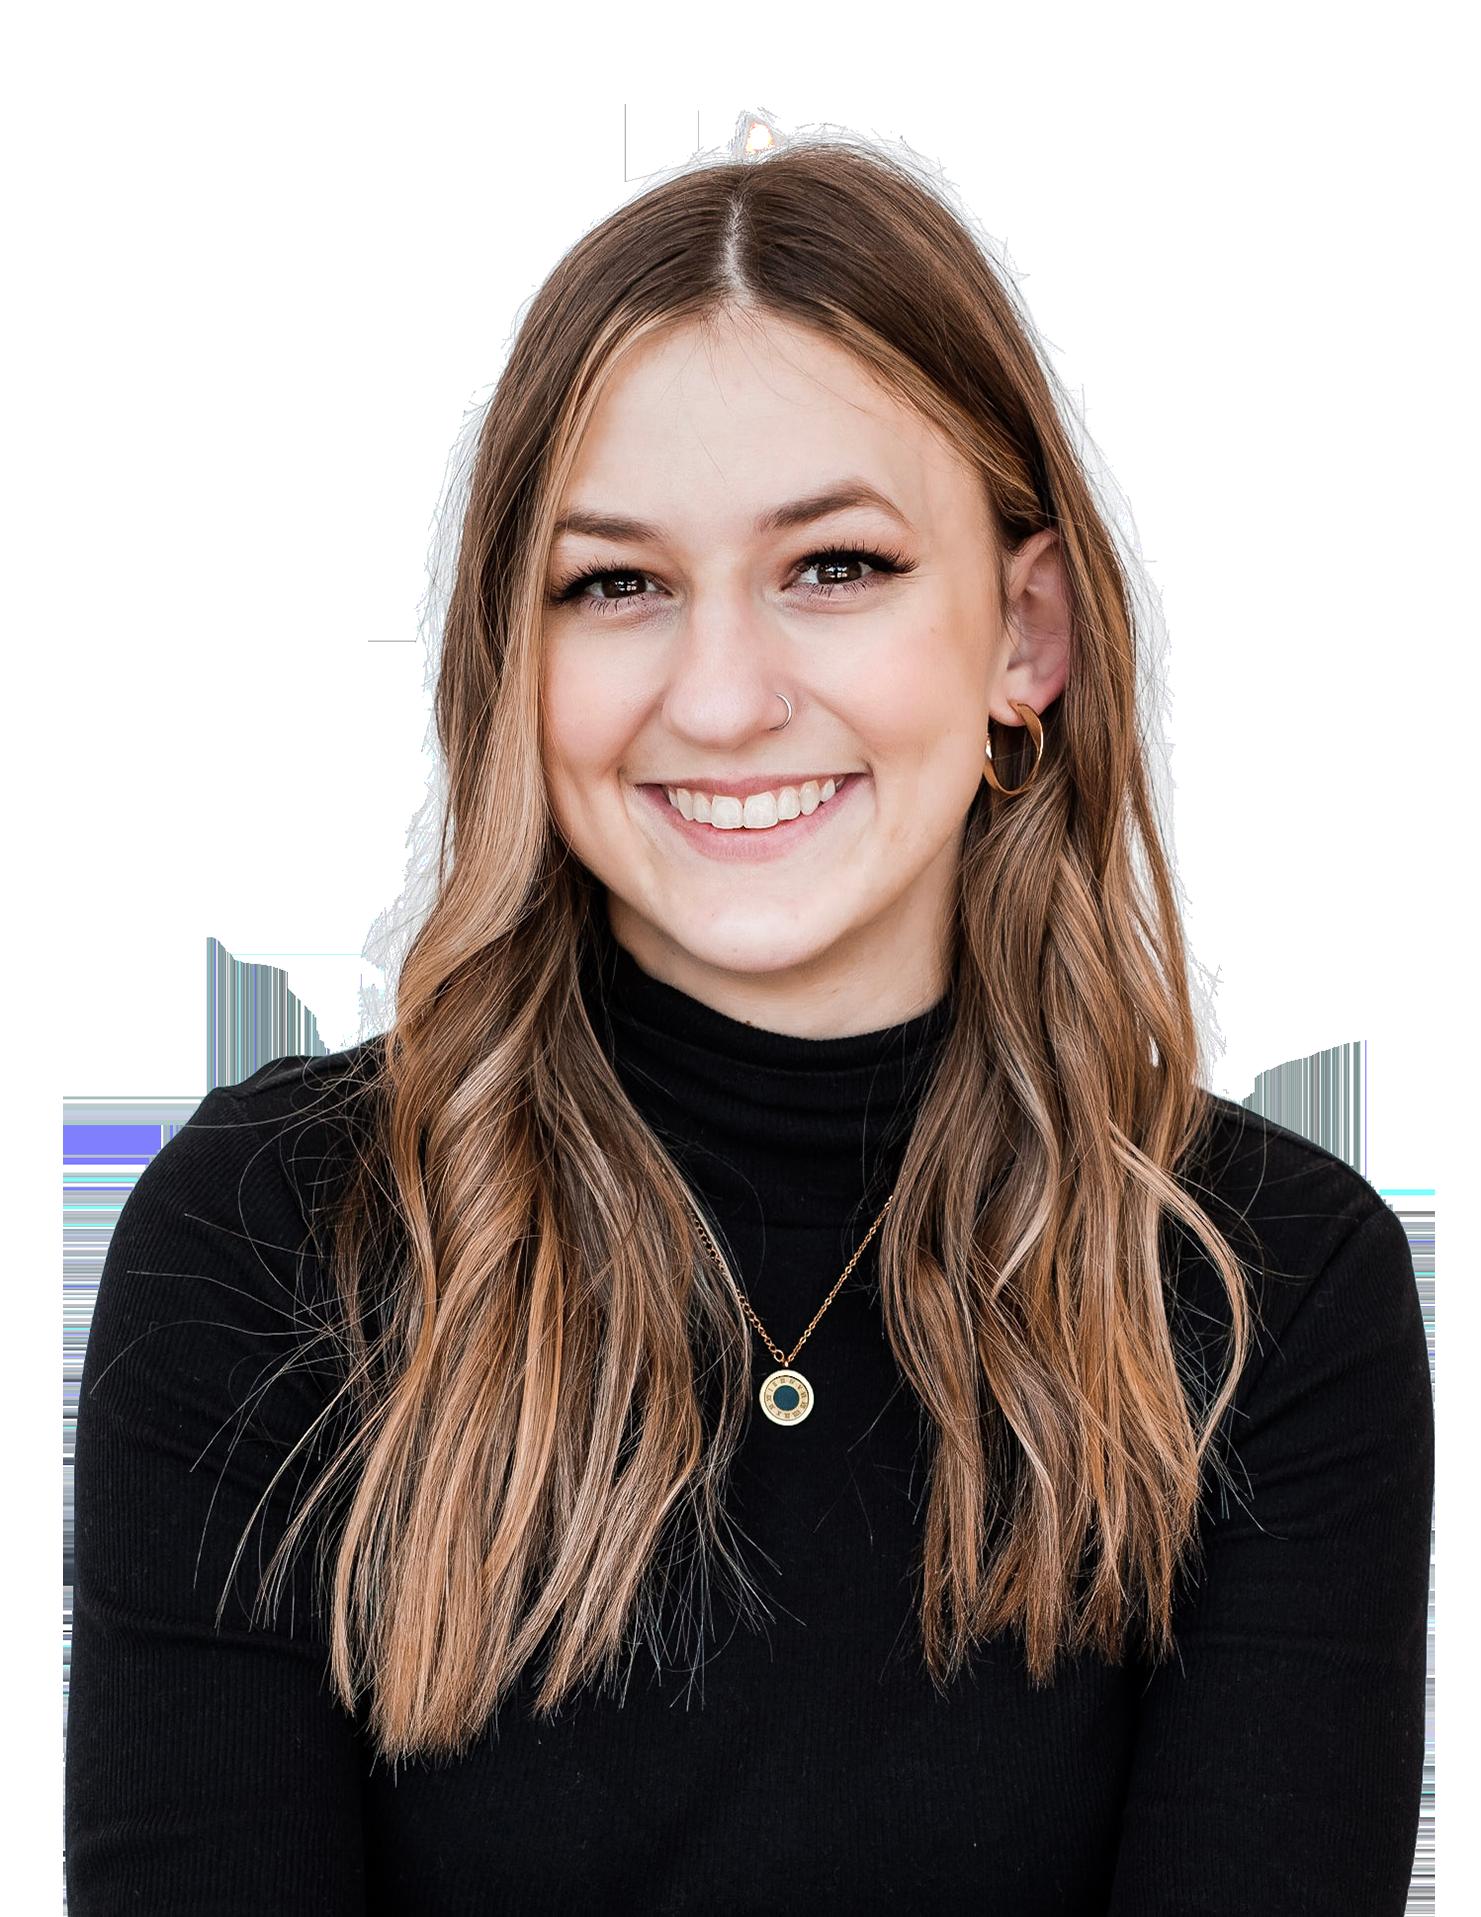 Chelsea Drouillard